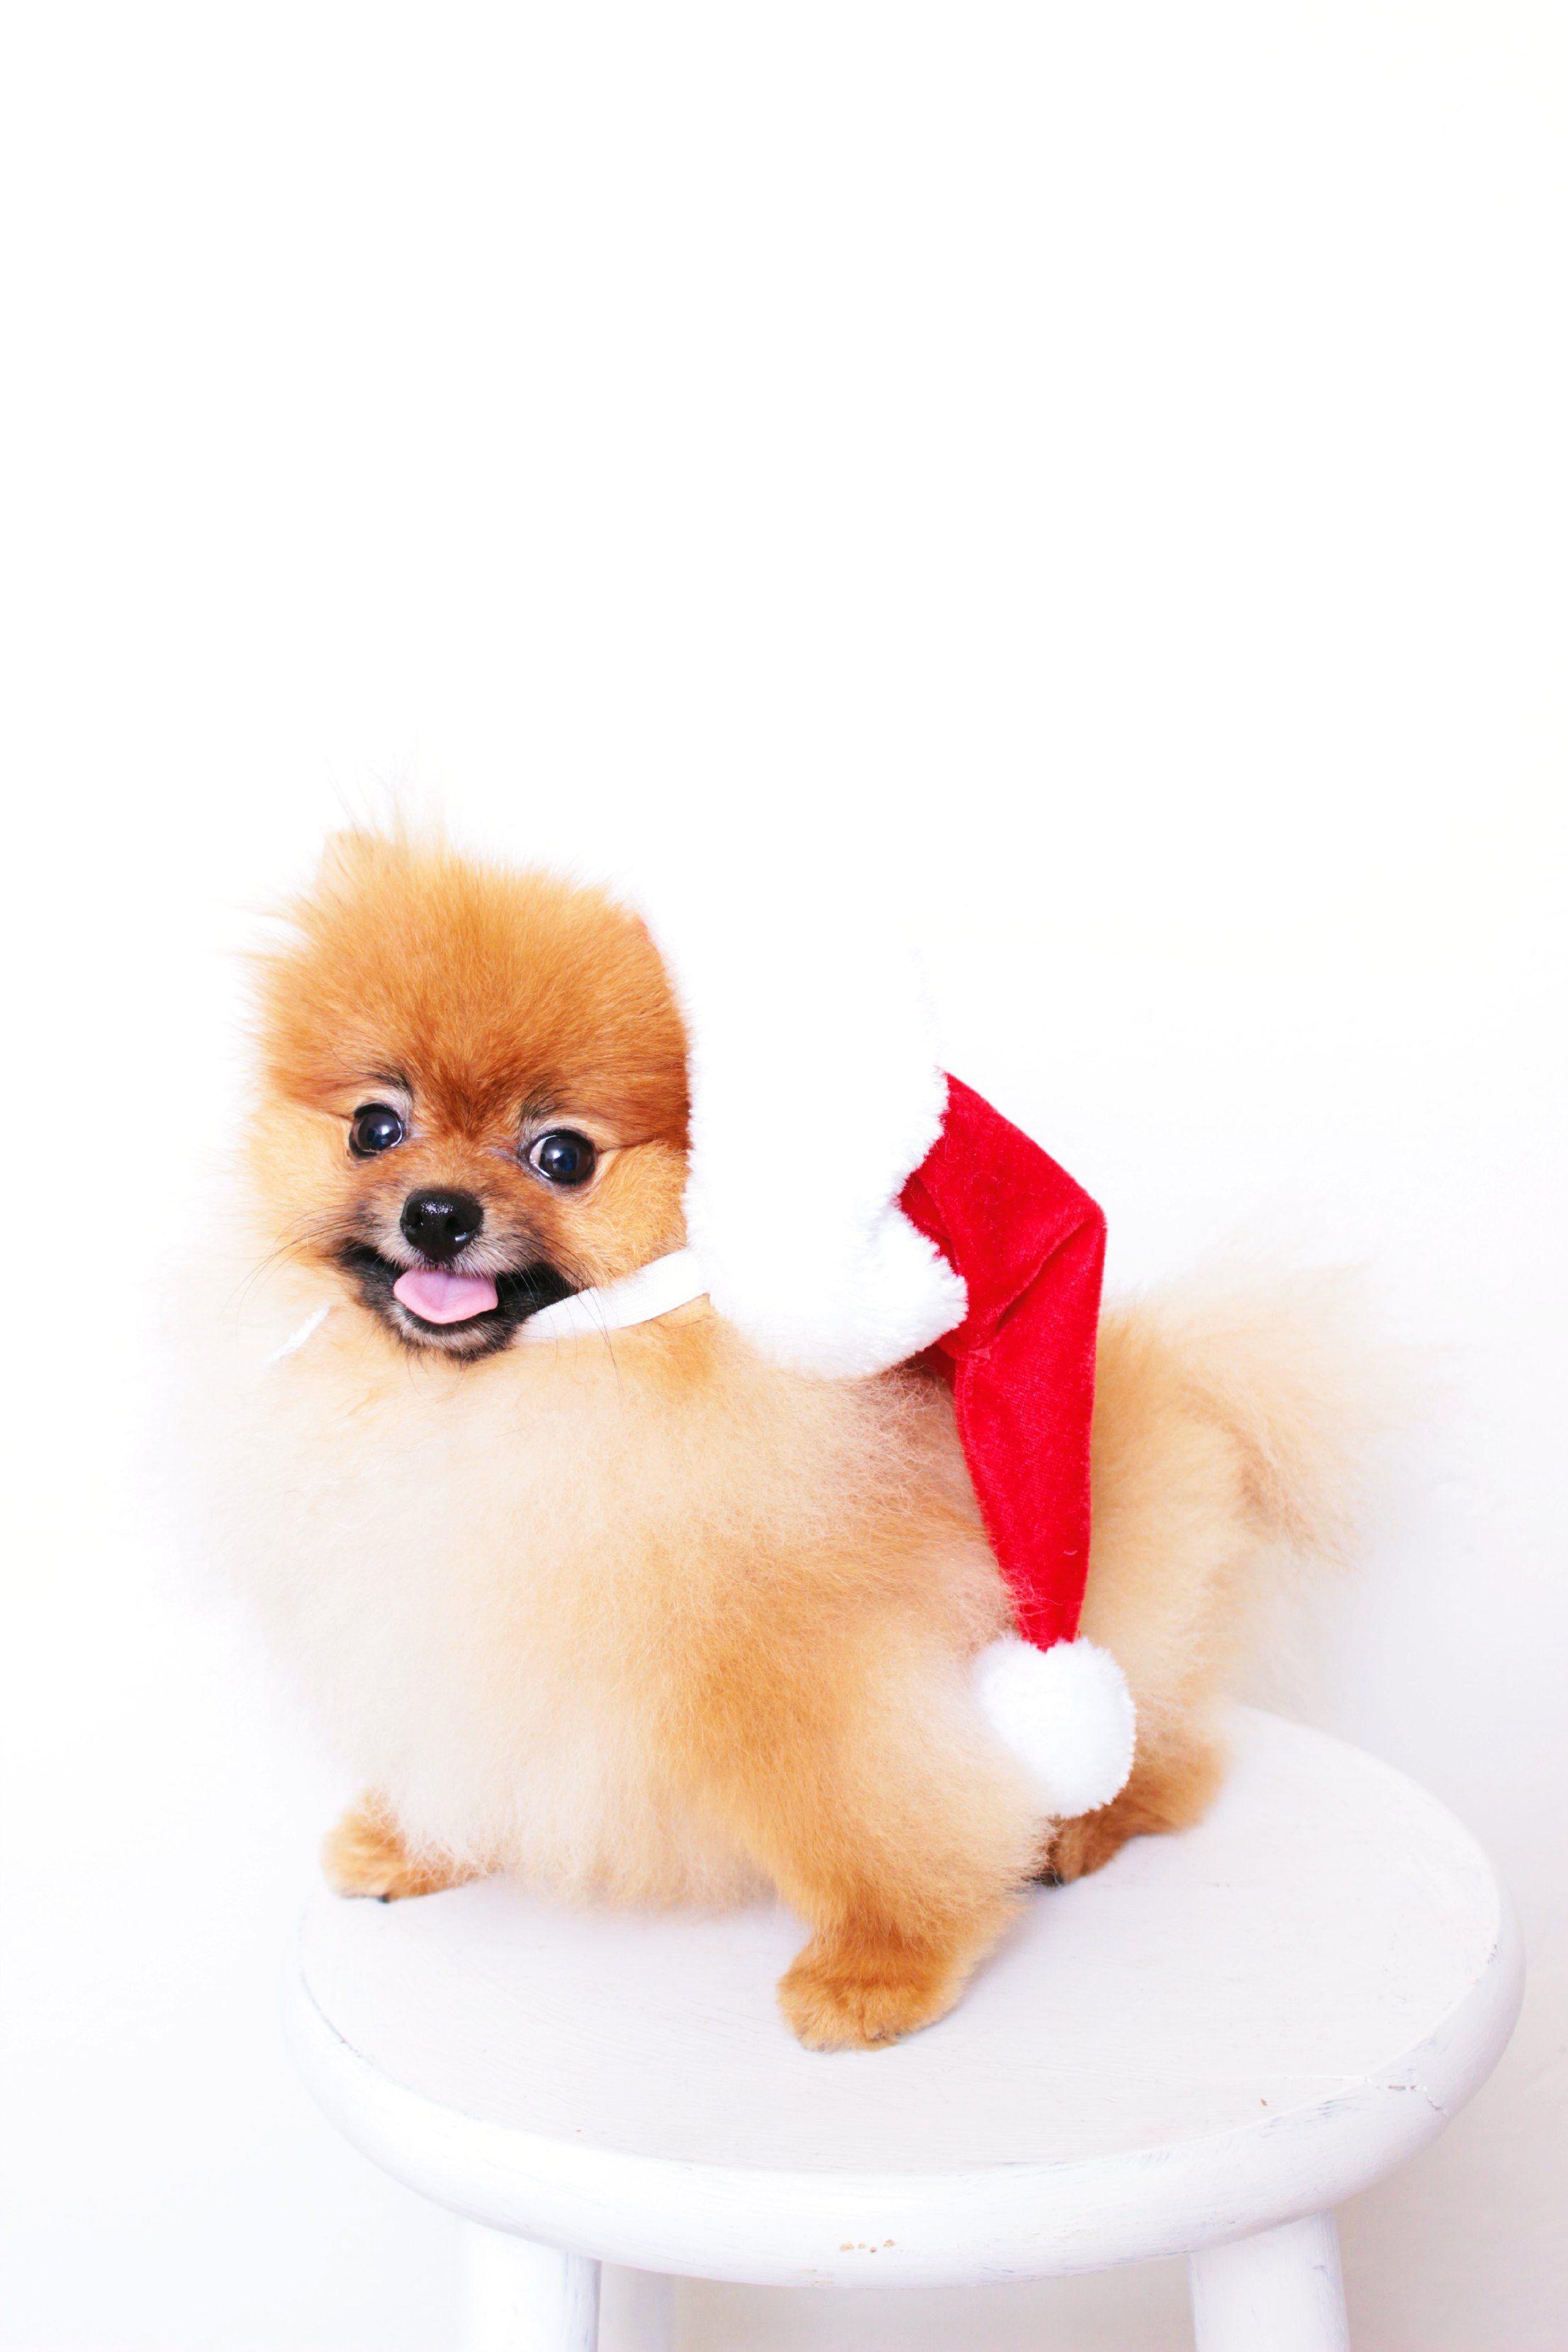 Wolfgang the Christmas Pomeranian